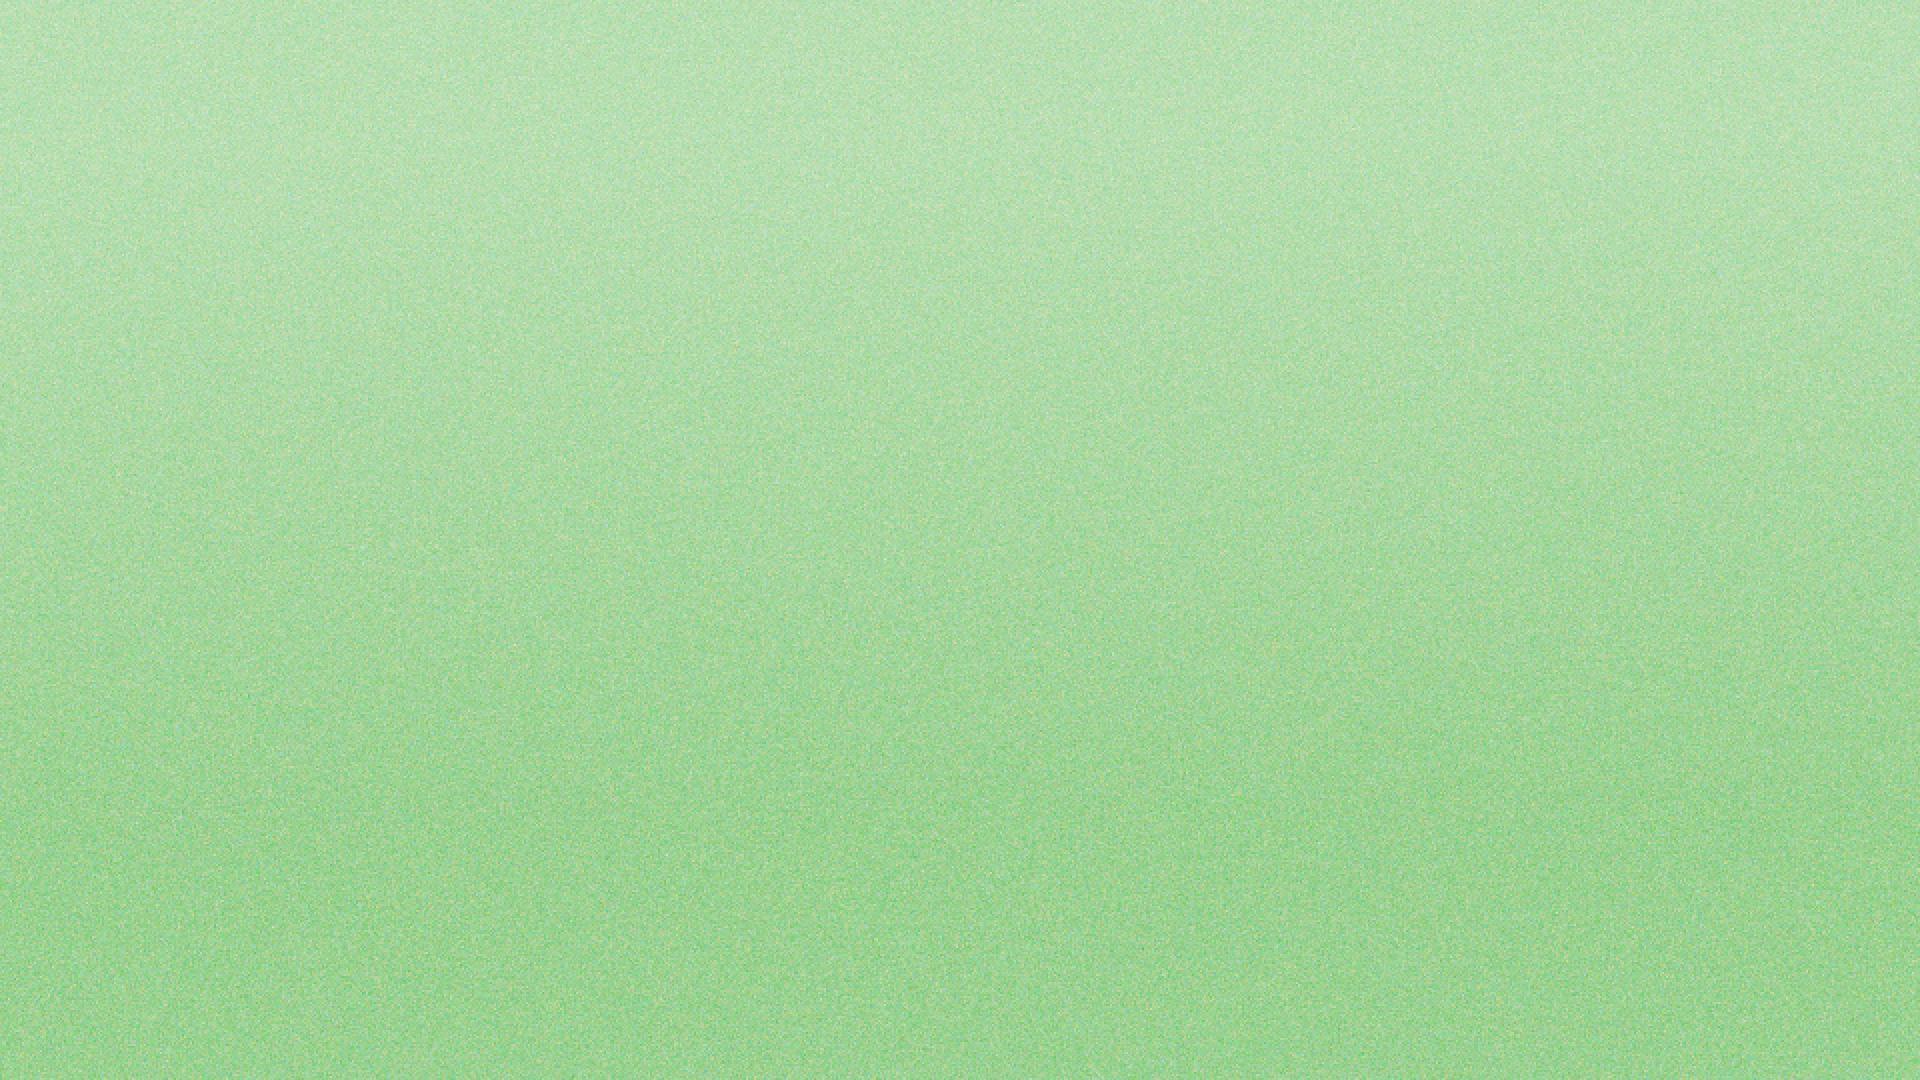 Mint Green best Wallpaper